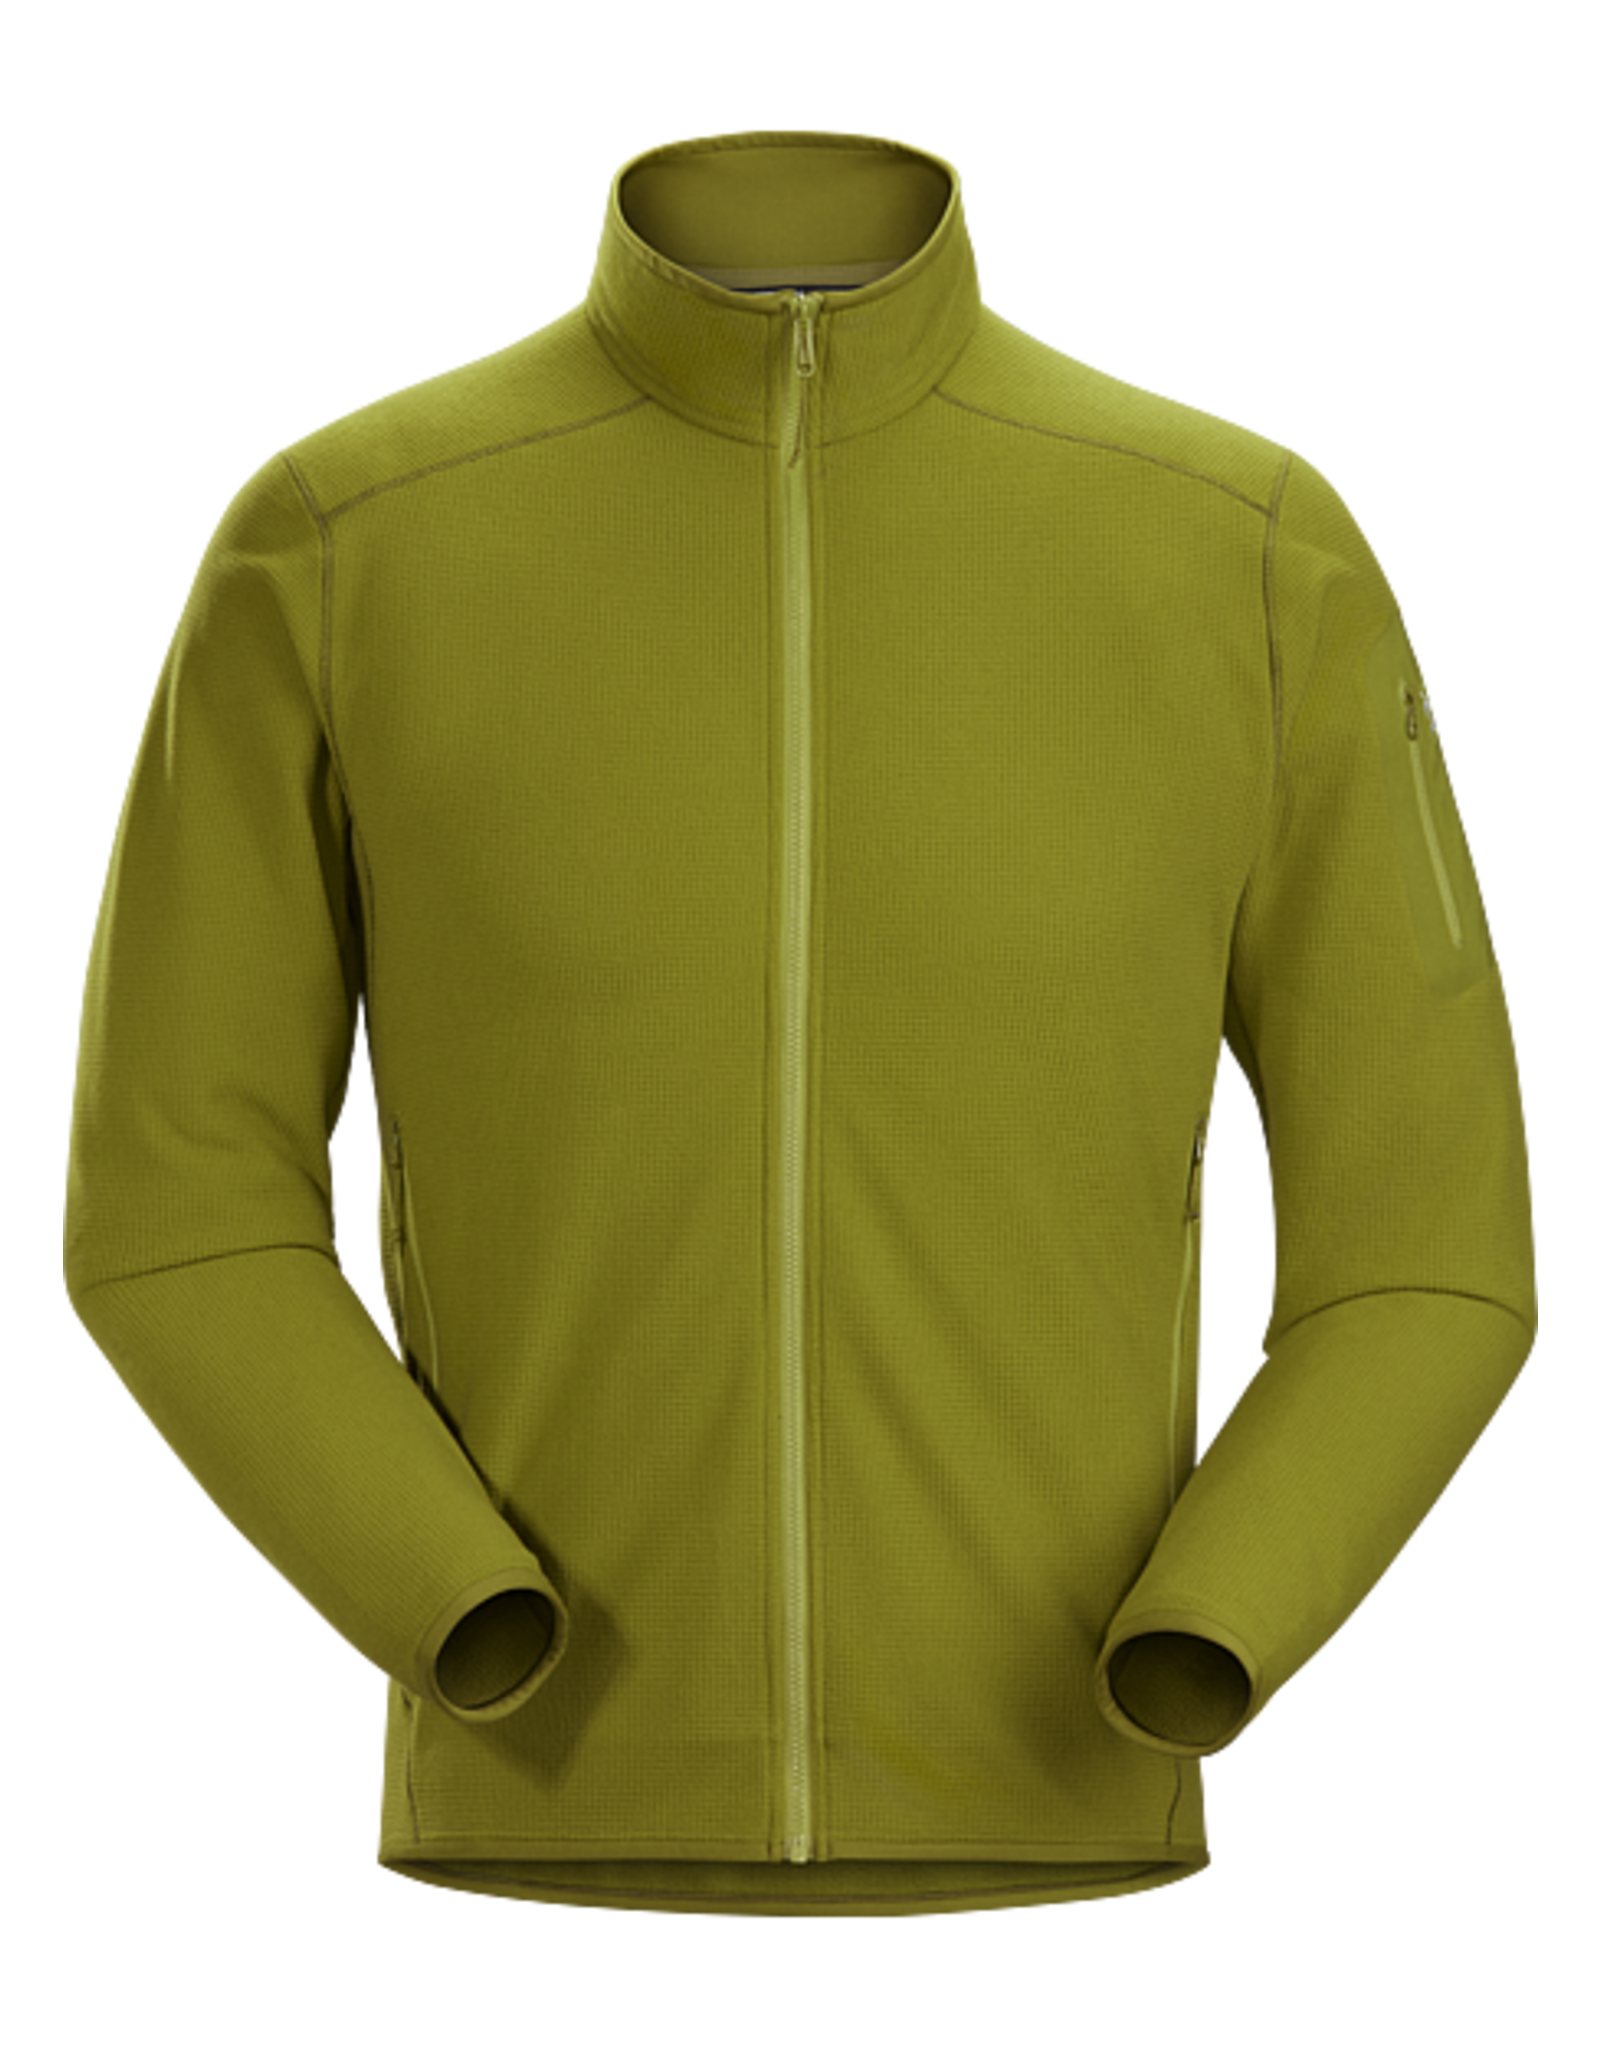 Arc'teryx Arc'teryx Men's Delta LT Jacket